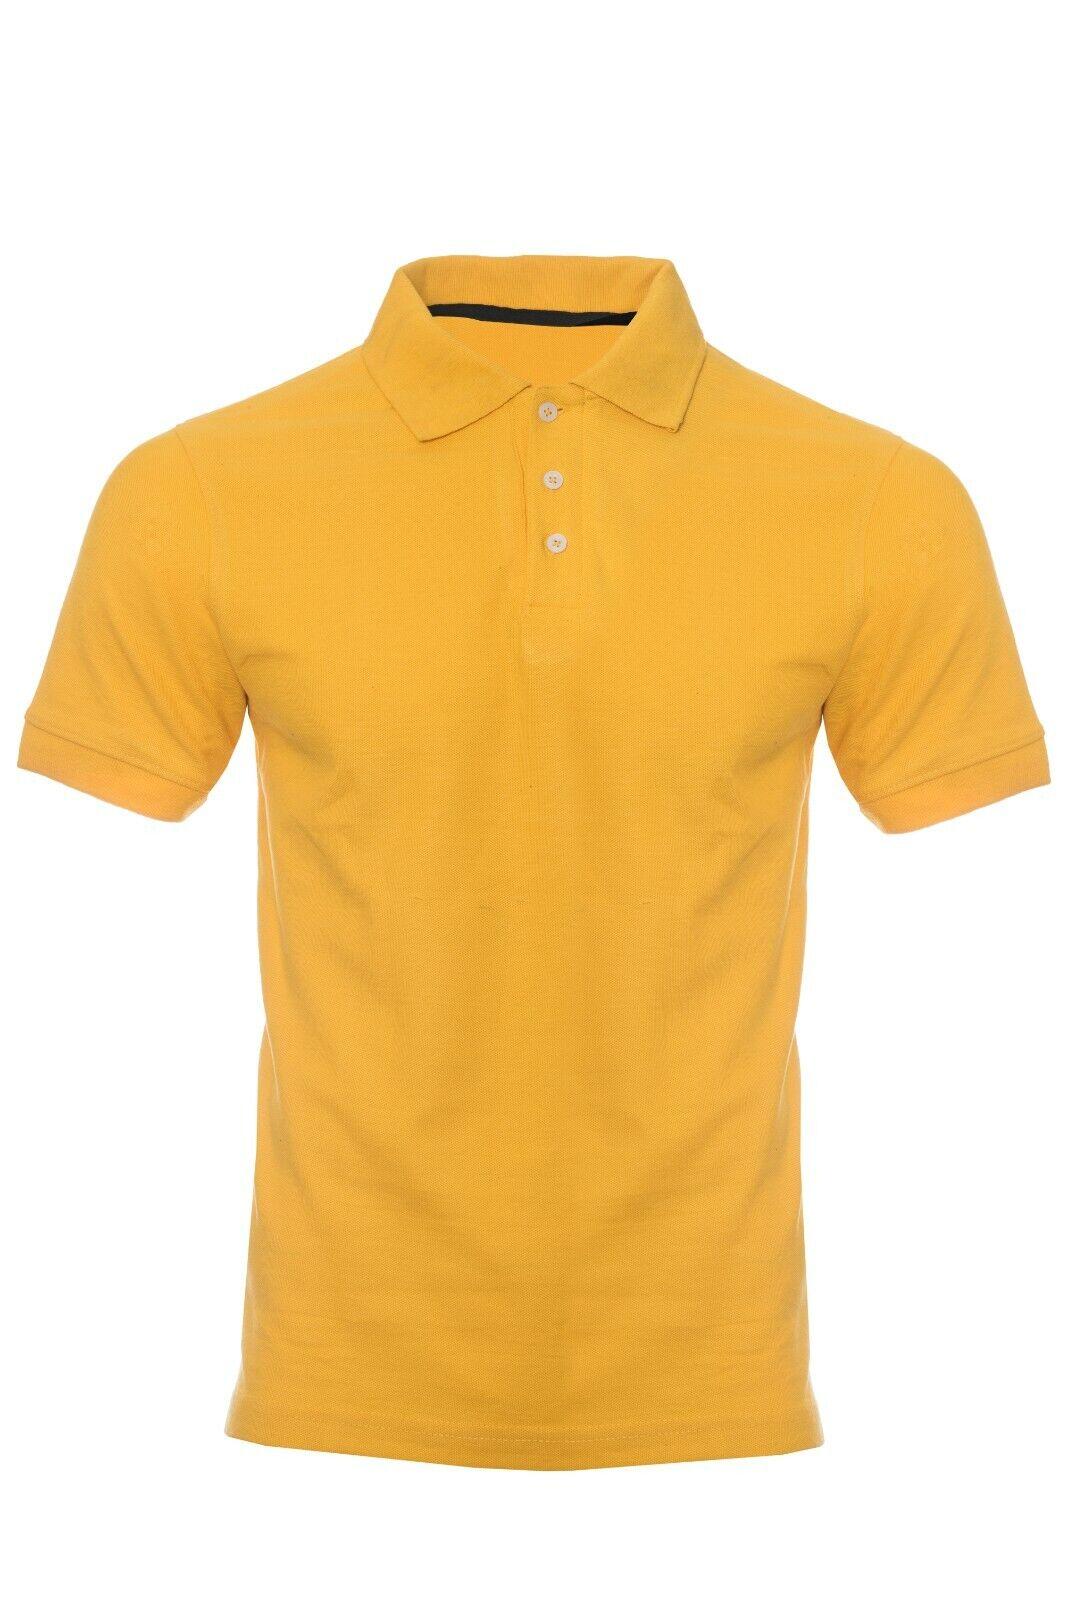 M40003-Yellow